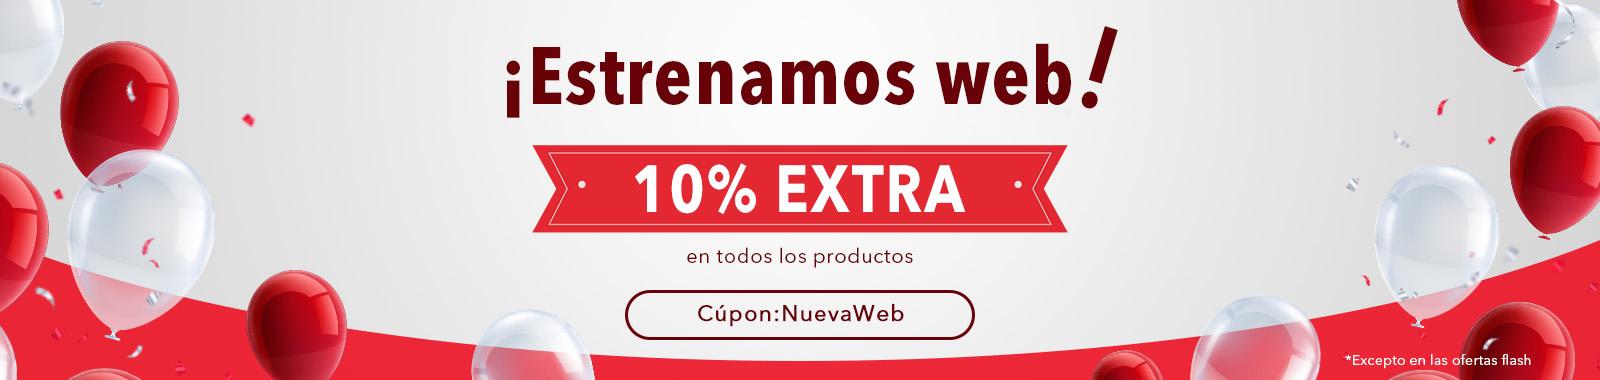 ¡Estrenamos web!10% EXTRA descuentos en toda la Web